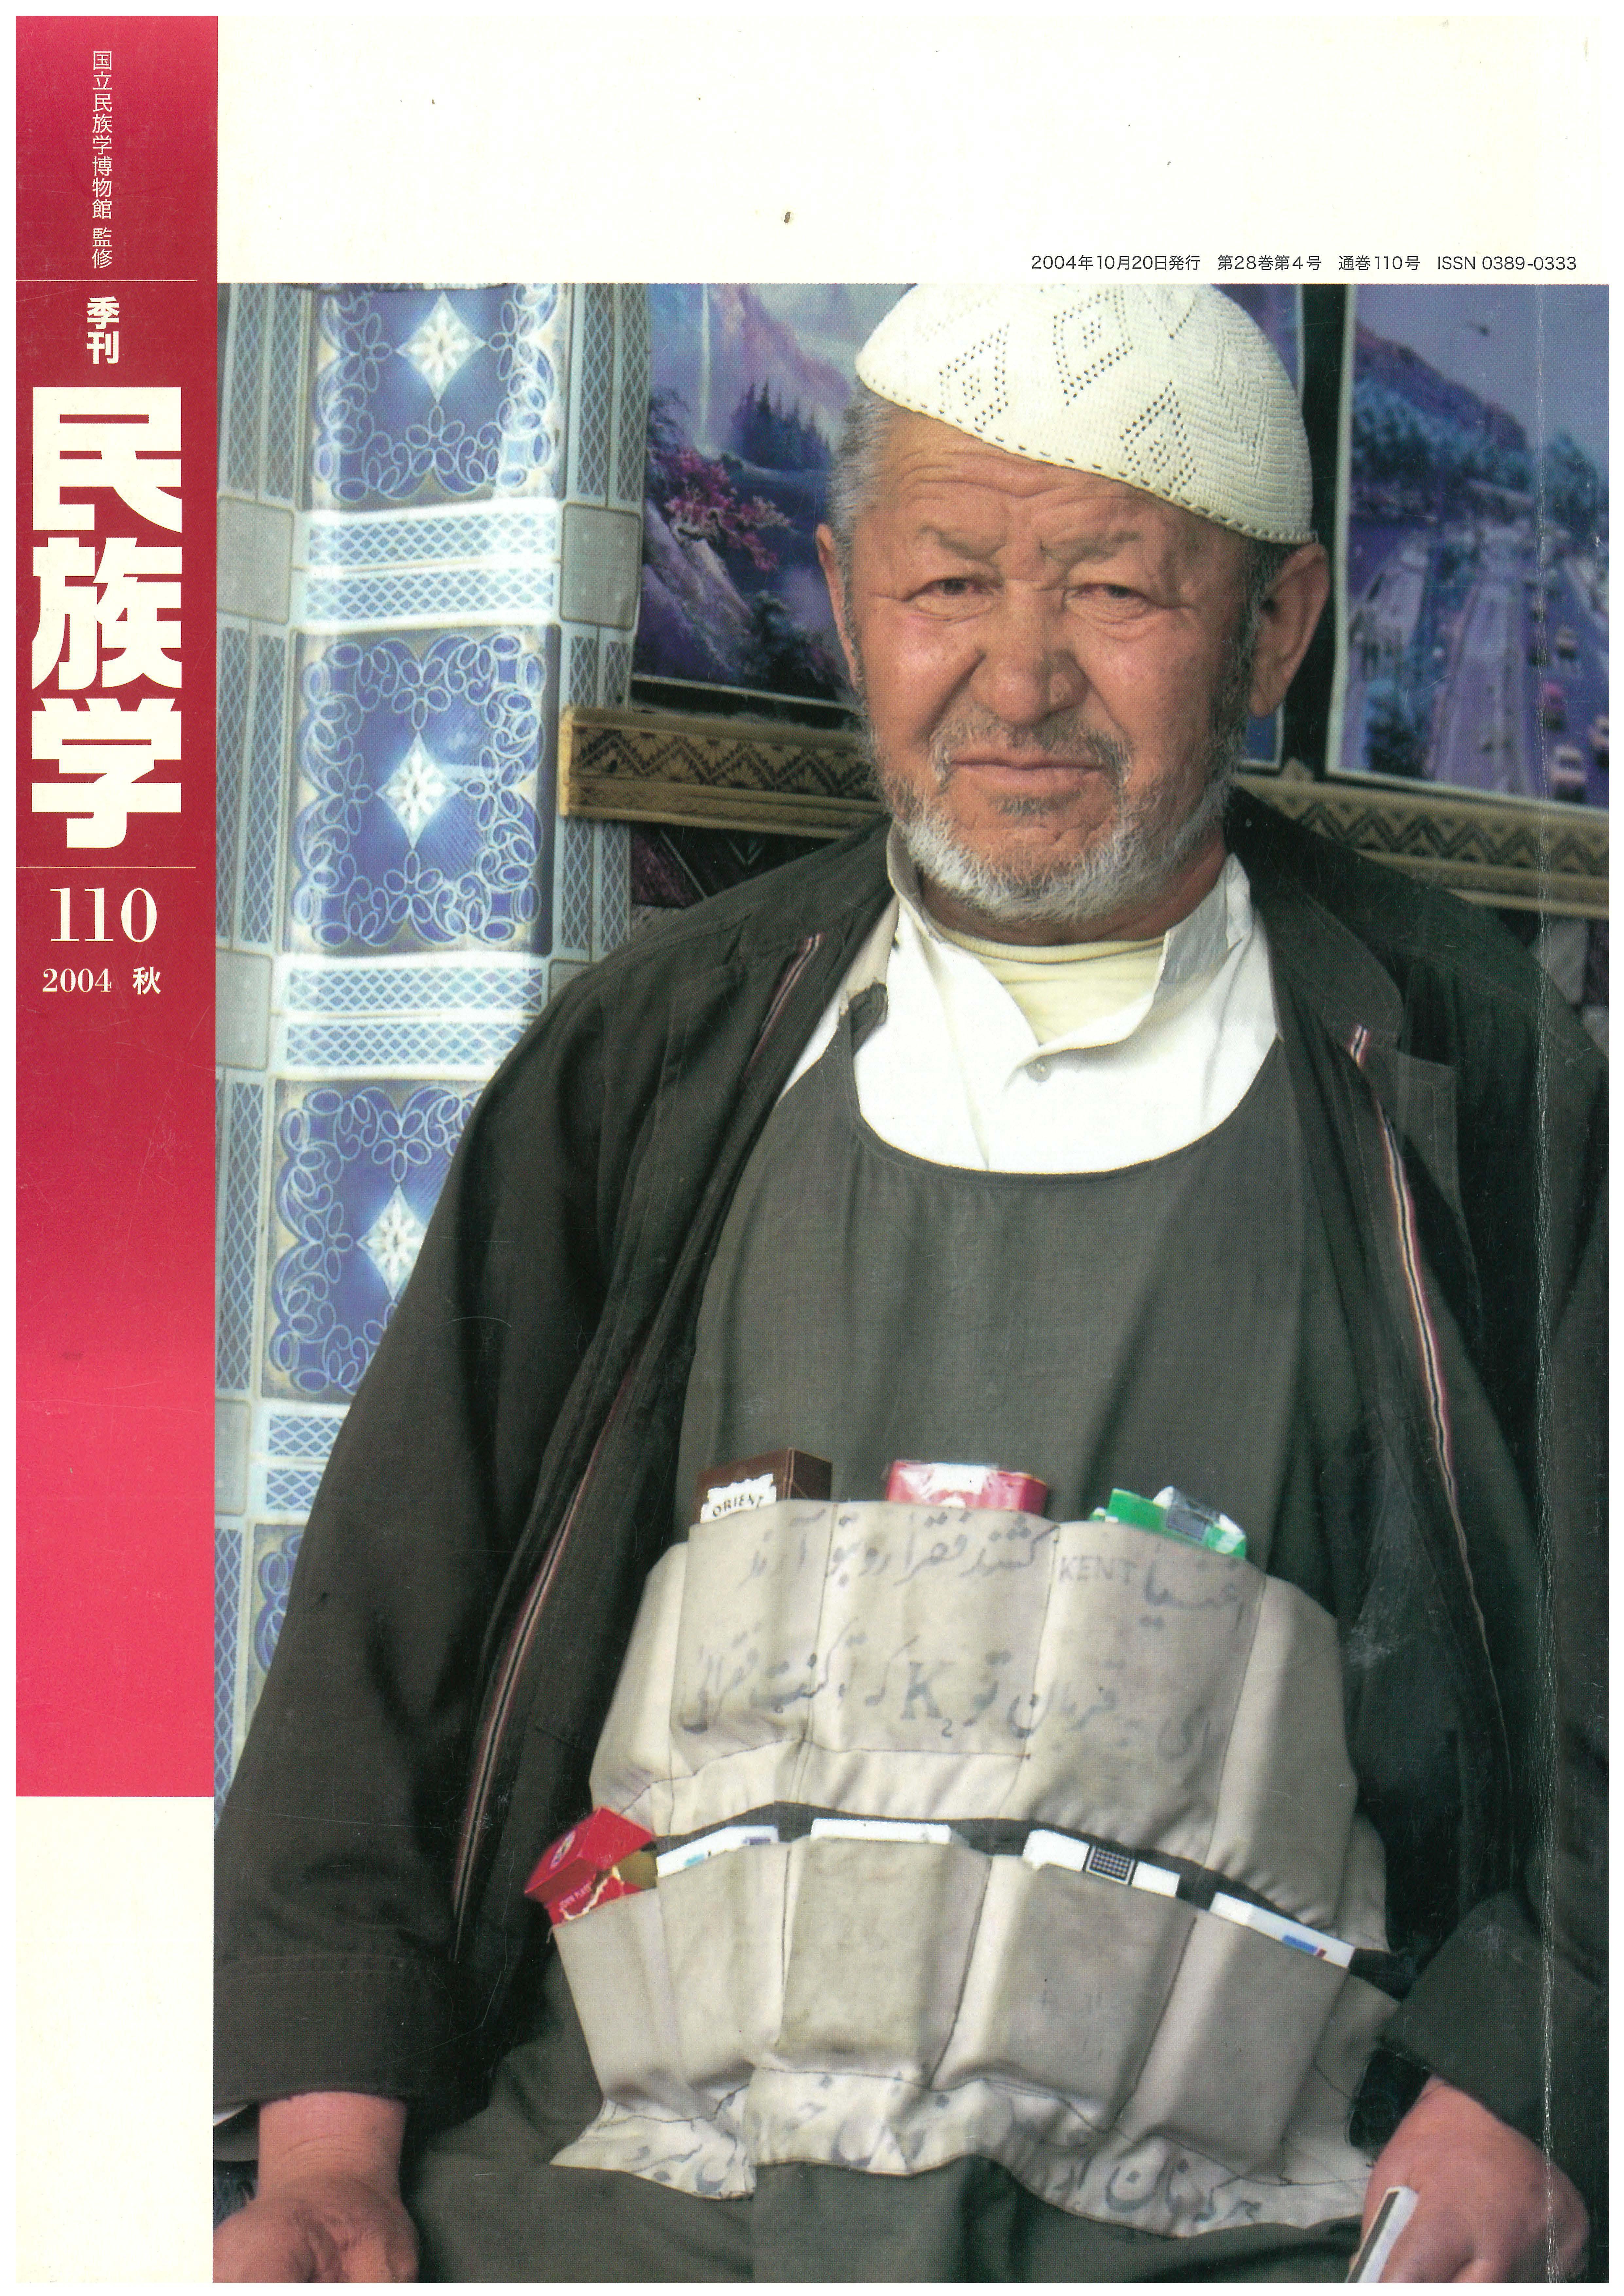 110号 2004年 秋